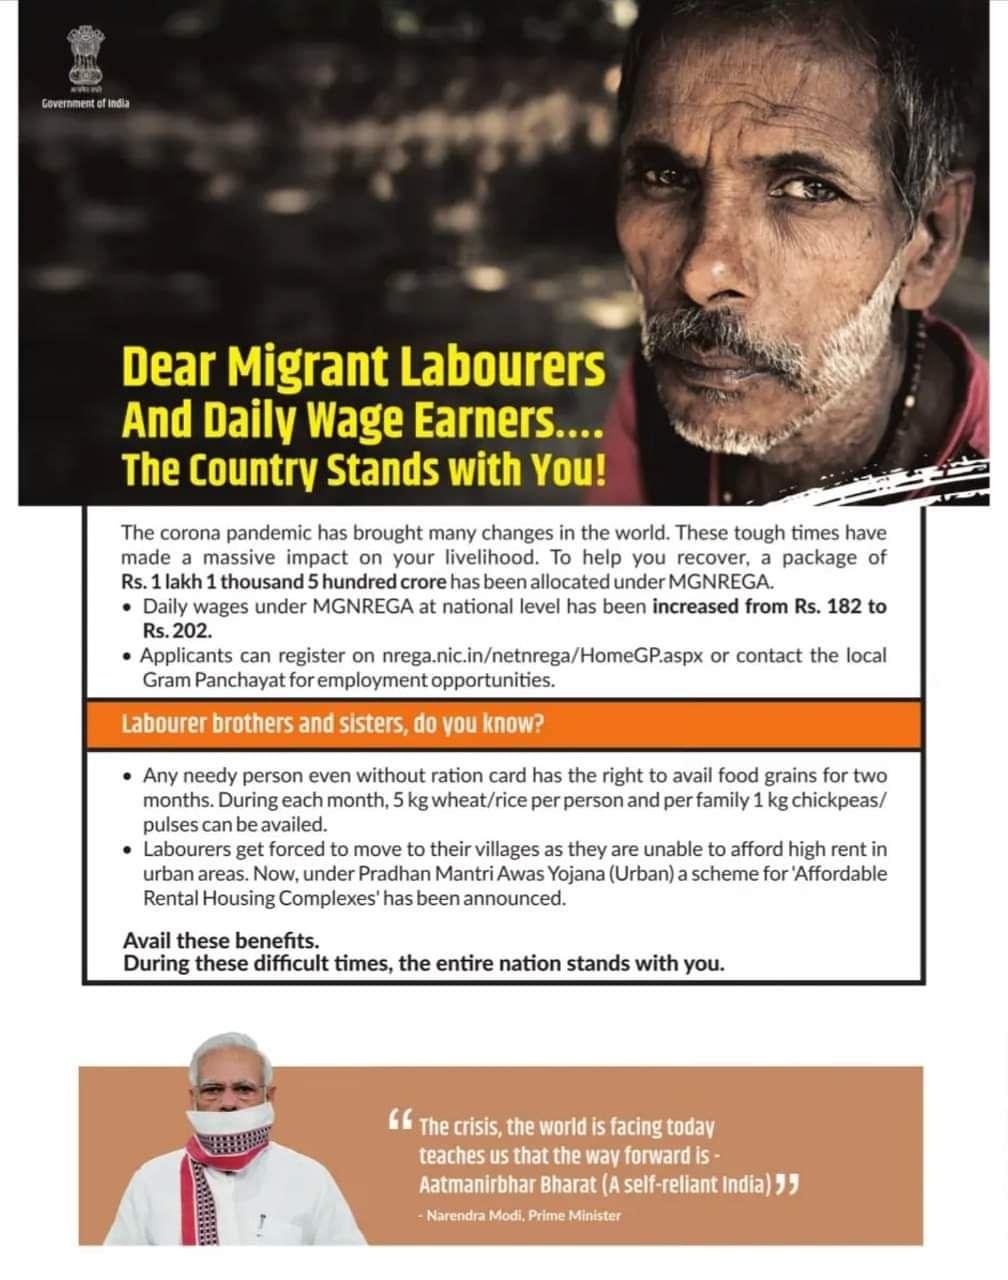 मोदी सरकार द्वारा प्रवासी मजदूरो के लिए अंग्रेजी भाषा में दिया गया विज्ञापन